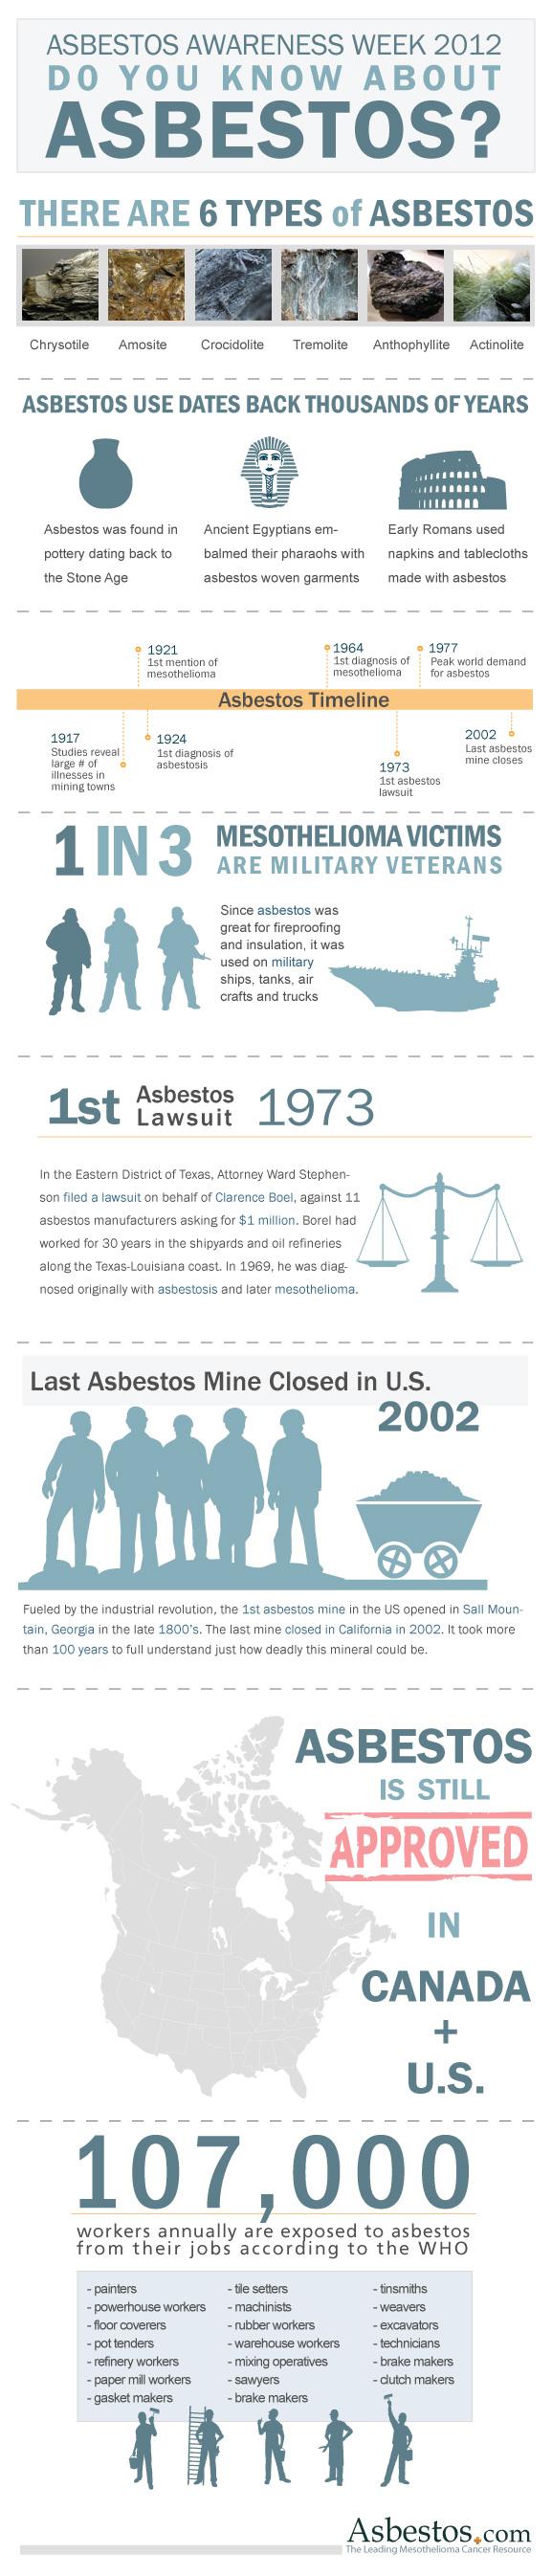 Asbestos 2012 infographic